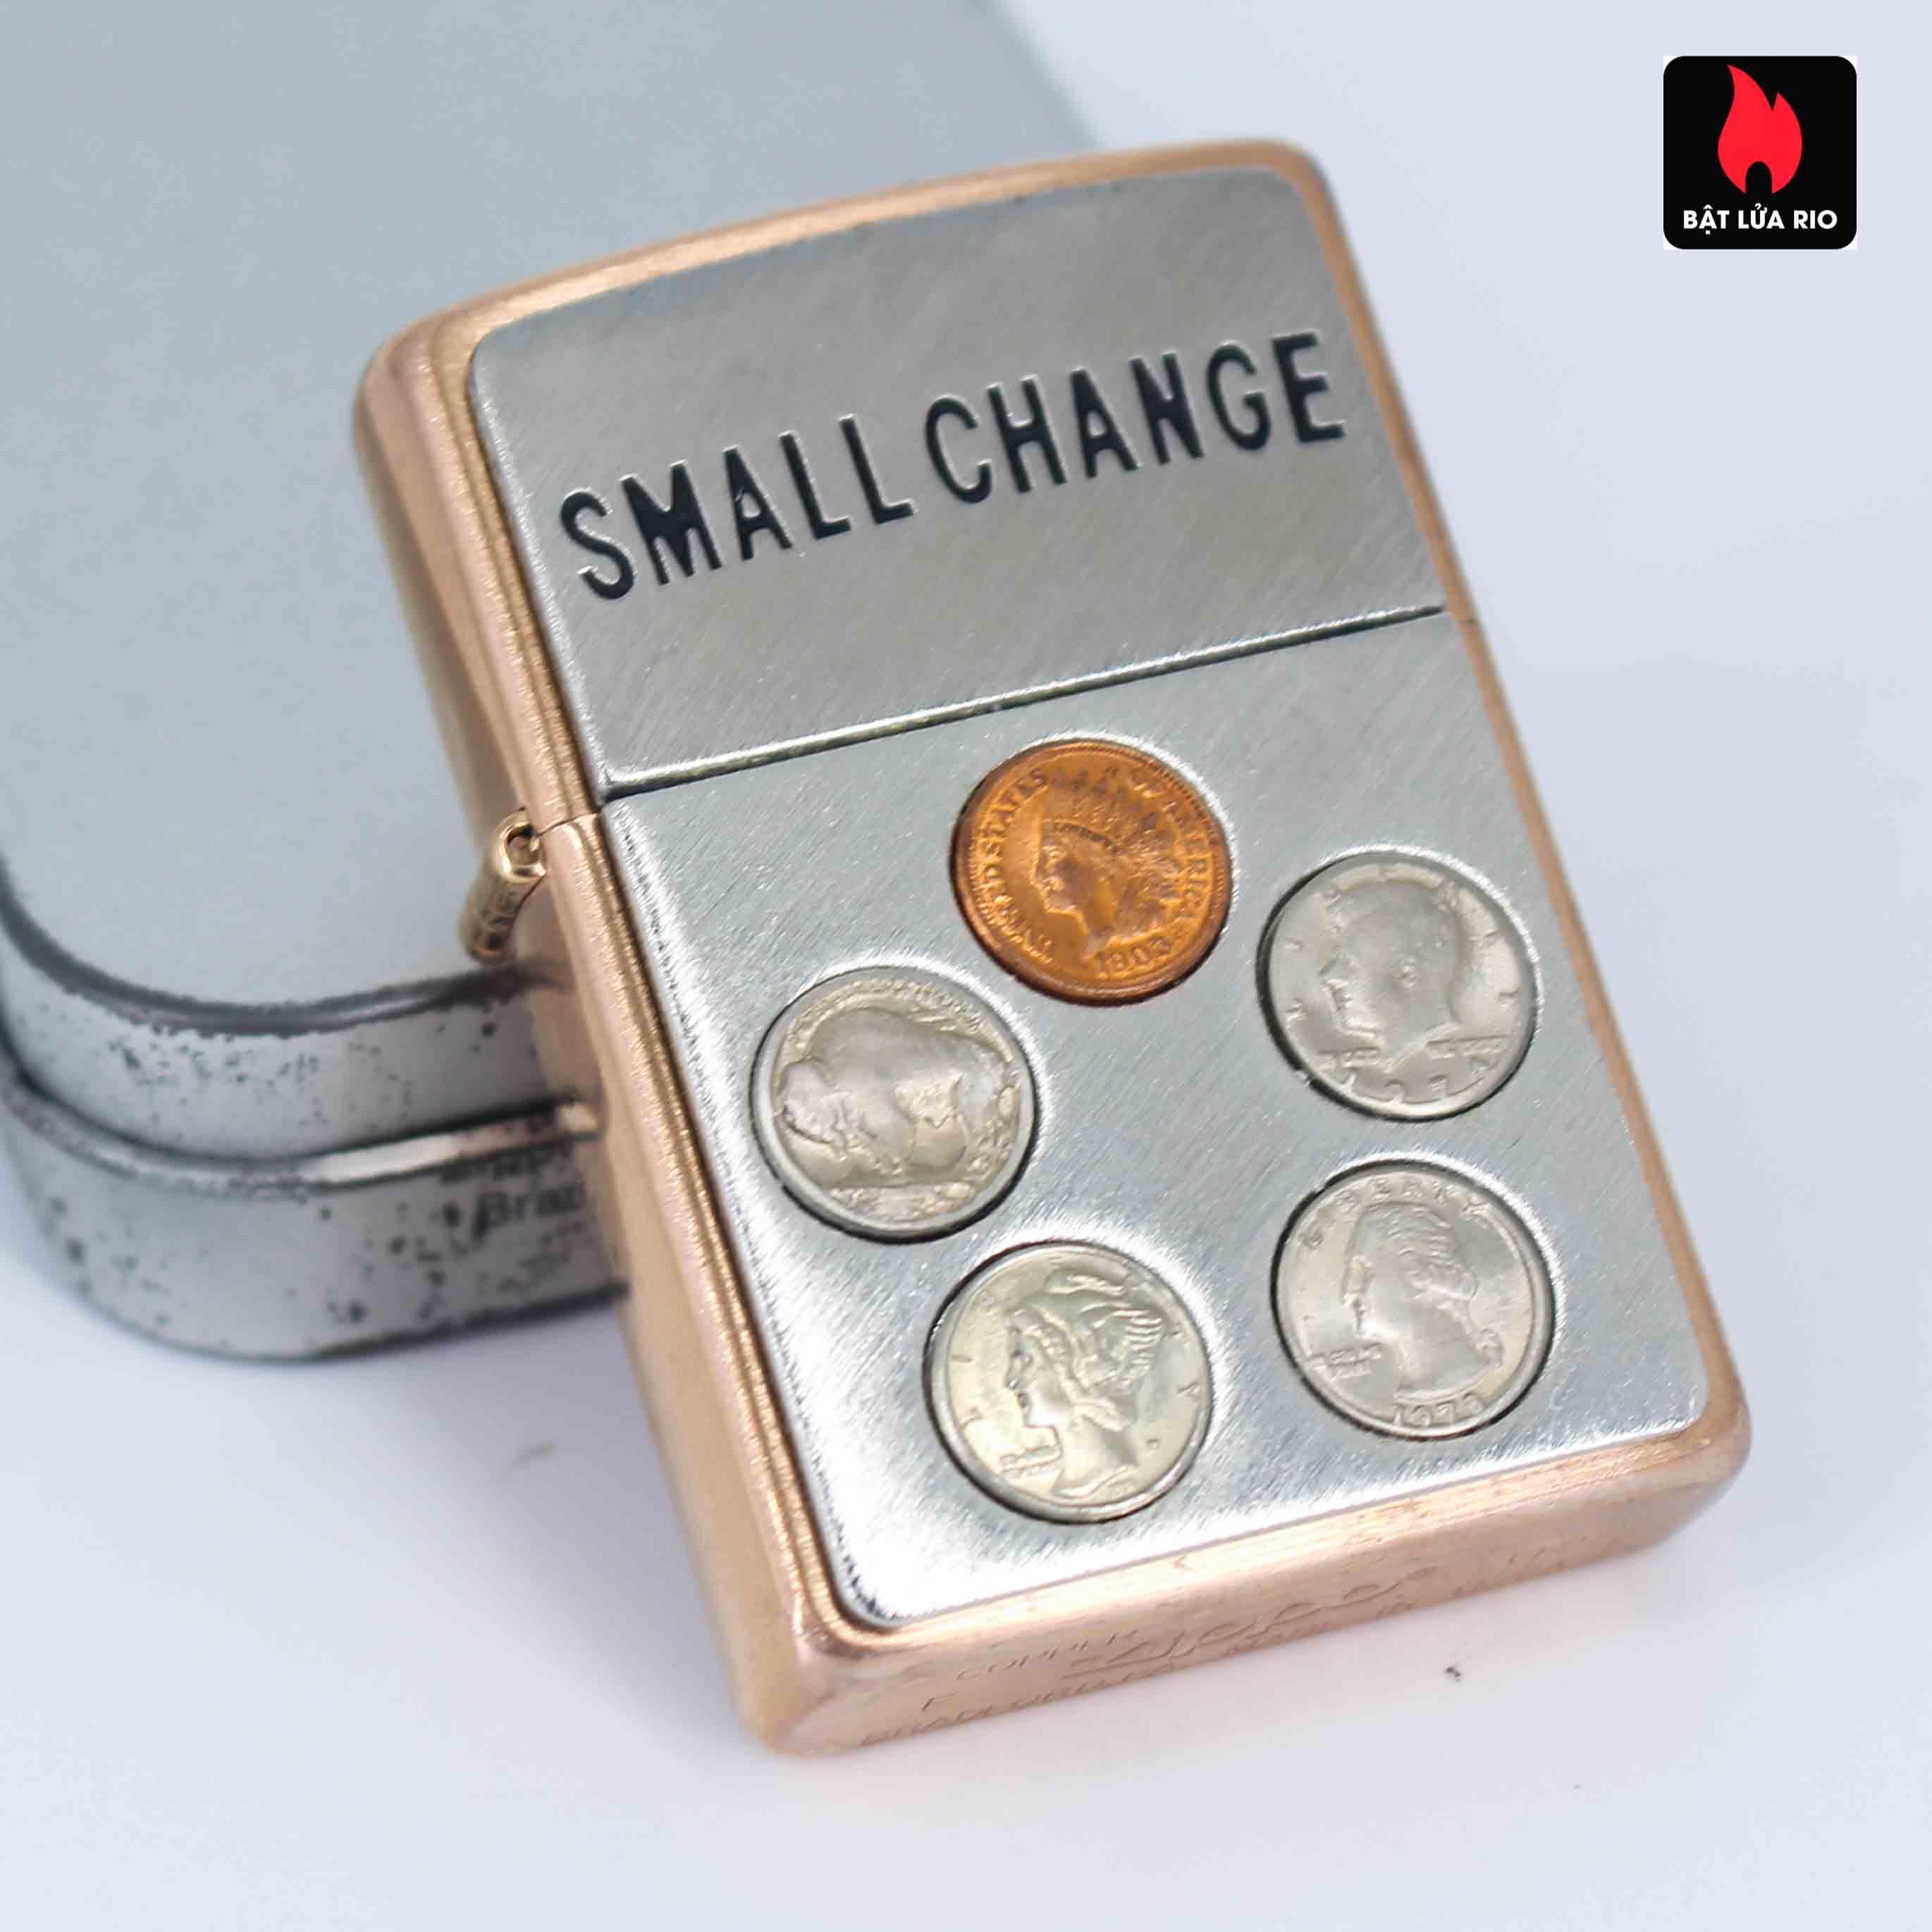 Zippo 2002 - Solid Copper Small Change - Đồng Đỏ Nguyên Khối 5